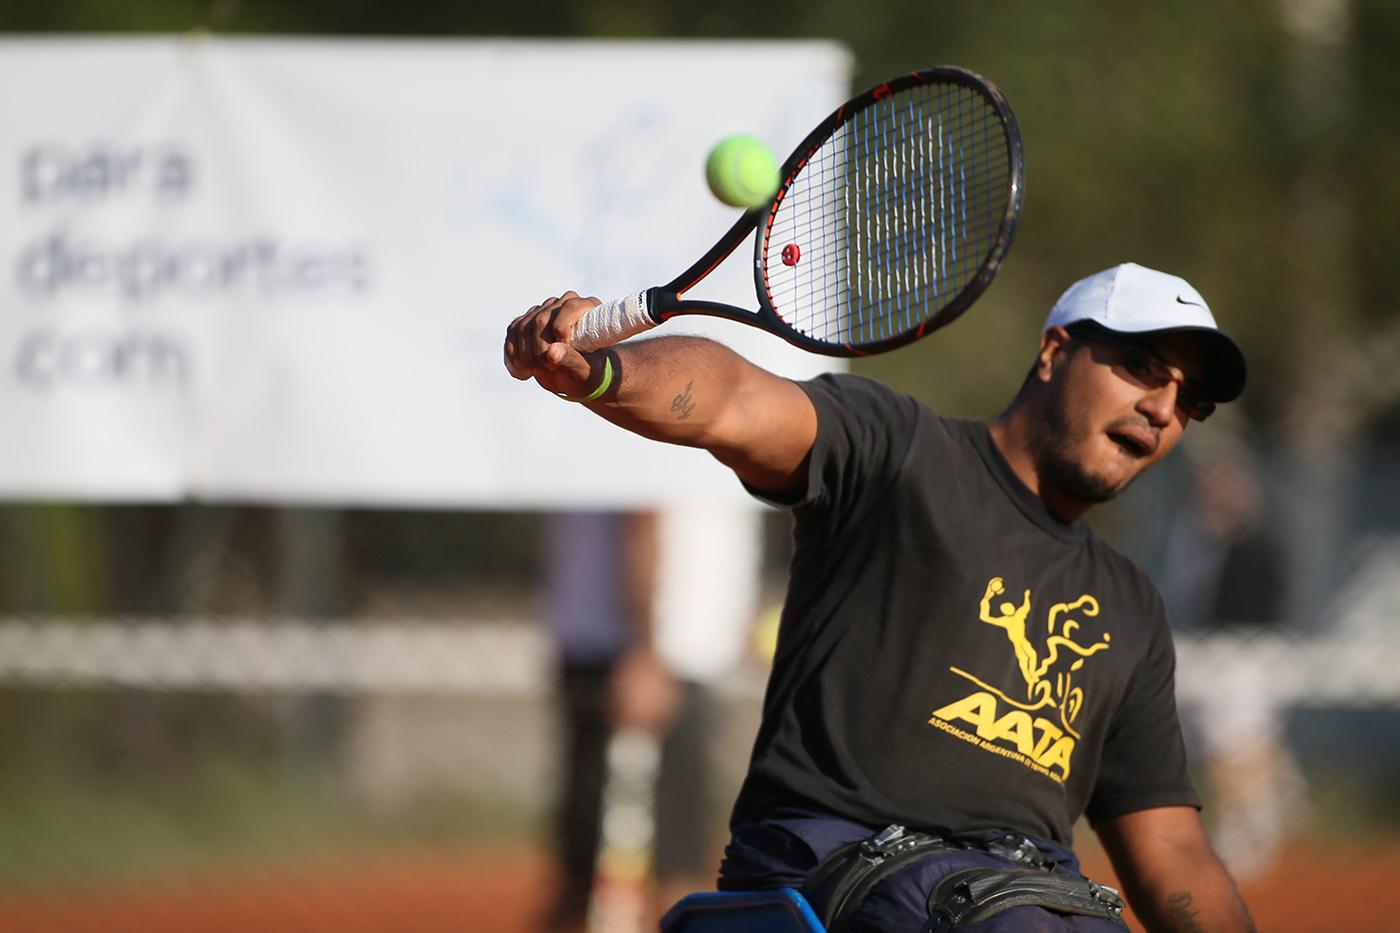 Tenis adaptado: Ledesma llegó hasta semifinales en Polonia